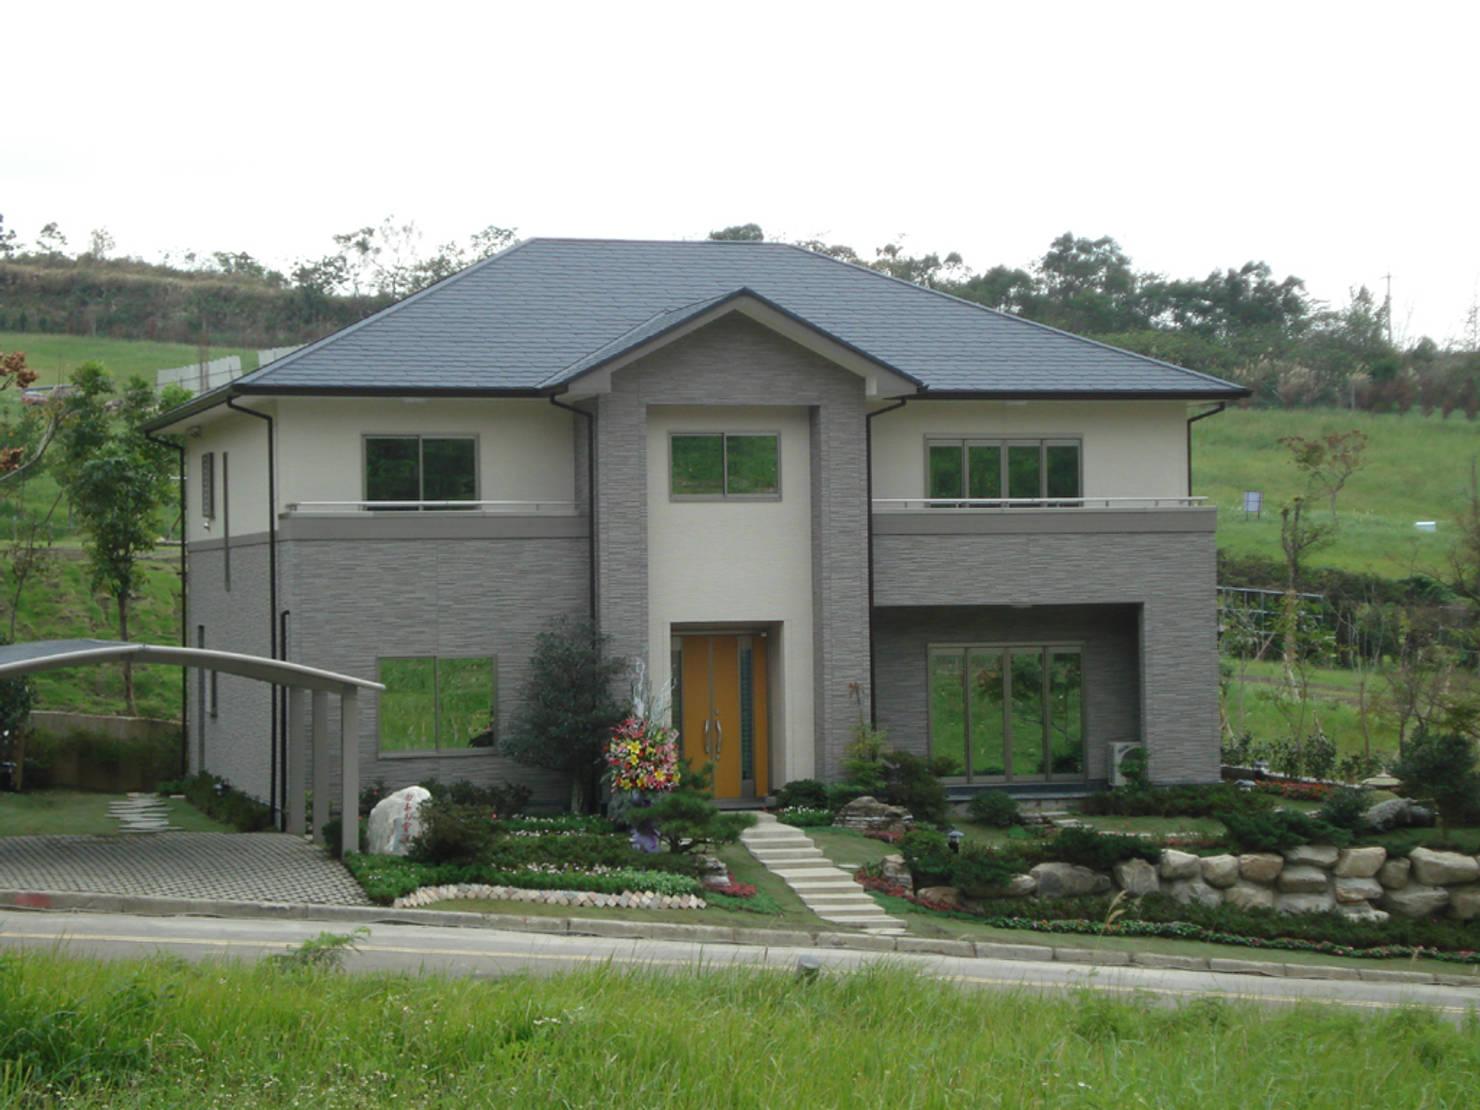 겨울에는 따뜻하고 여름에는 시원한 집. 단열 내진설계 주택